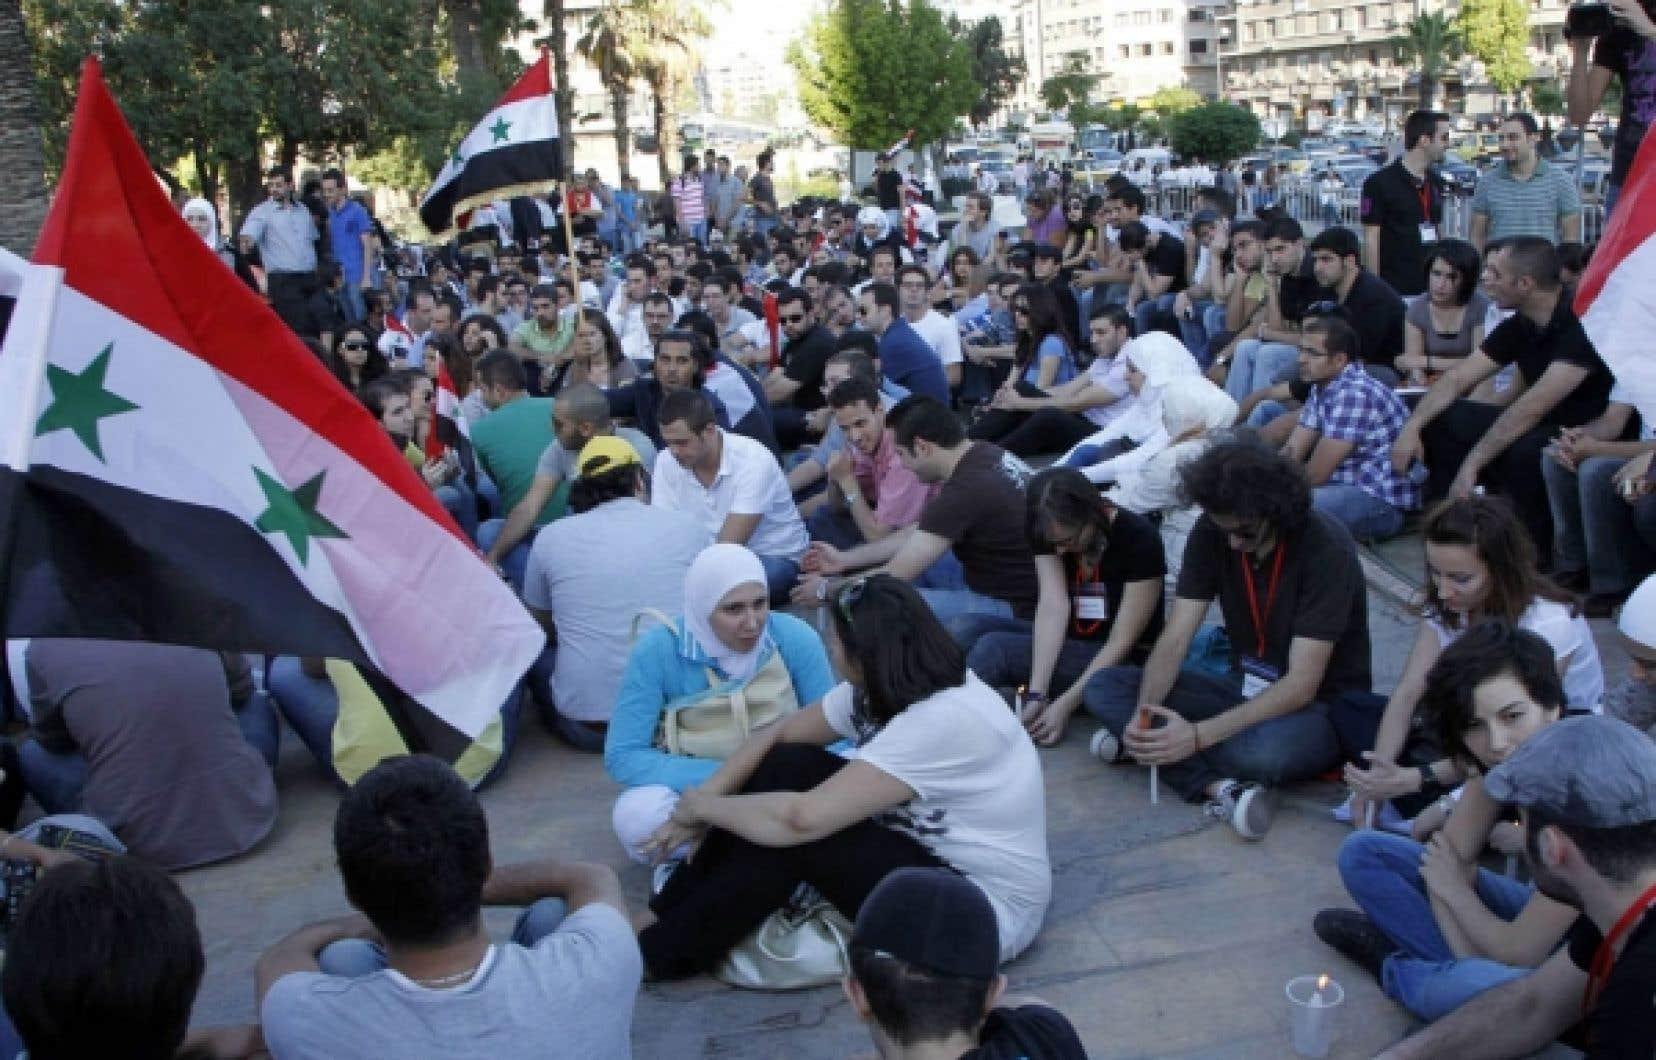 Le régime syrien fait face à un important mouvement de contestation depuis trois mois.<br />